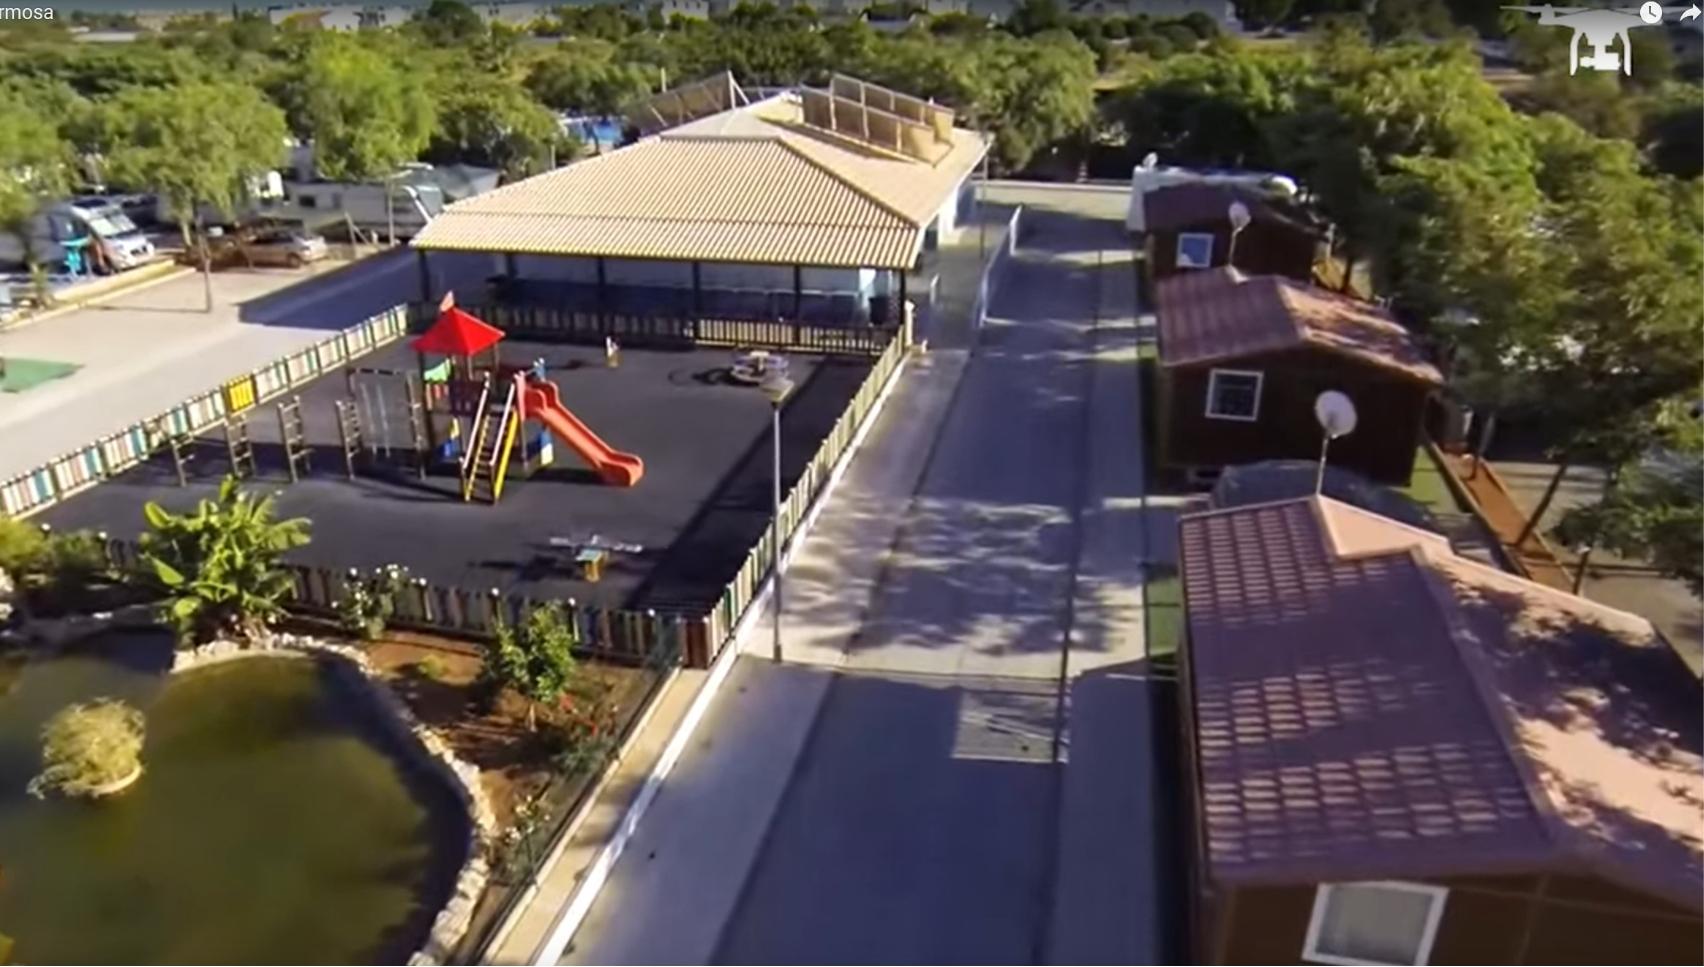 Parque de Campismo Ria Formosa Unipessoal - big campsite Algarve - Portugal - - bungalows - tendas - mobile homes